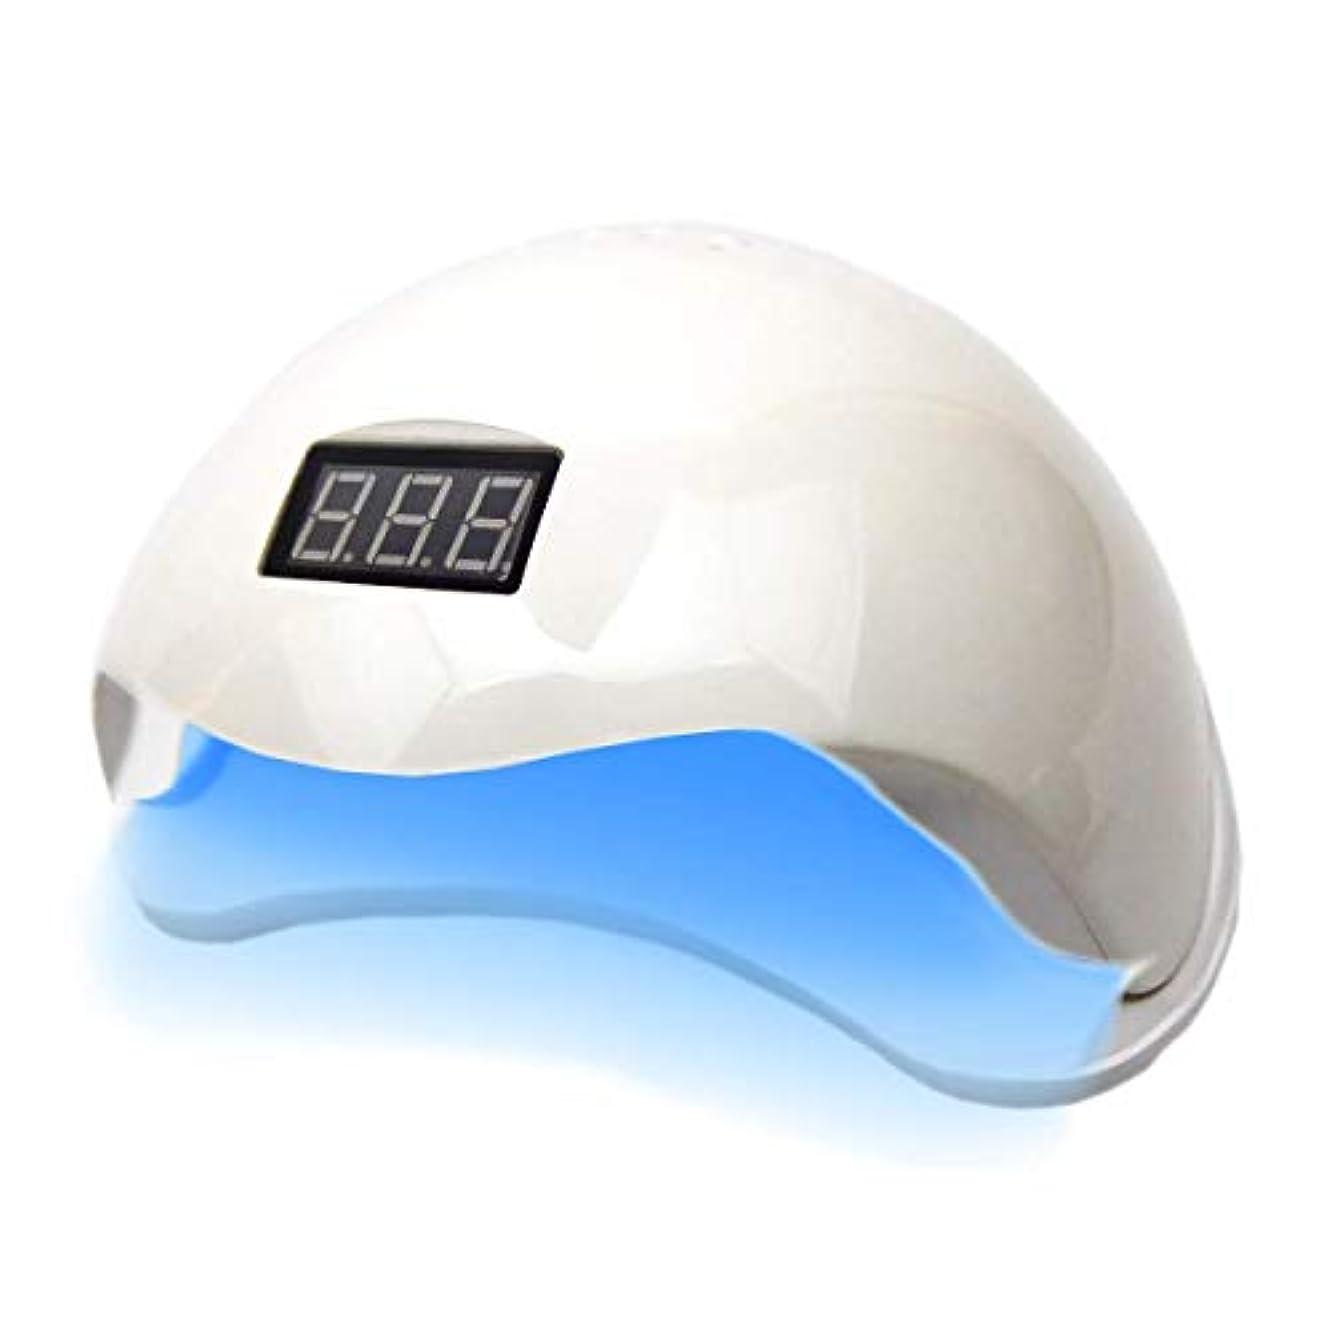 合理的市長チョコレートLED UV ネイルライト 48W 低ヒート機能 自動感知センサー ジェルネイル レジン用